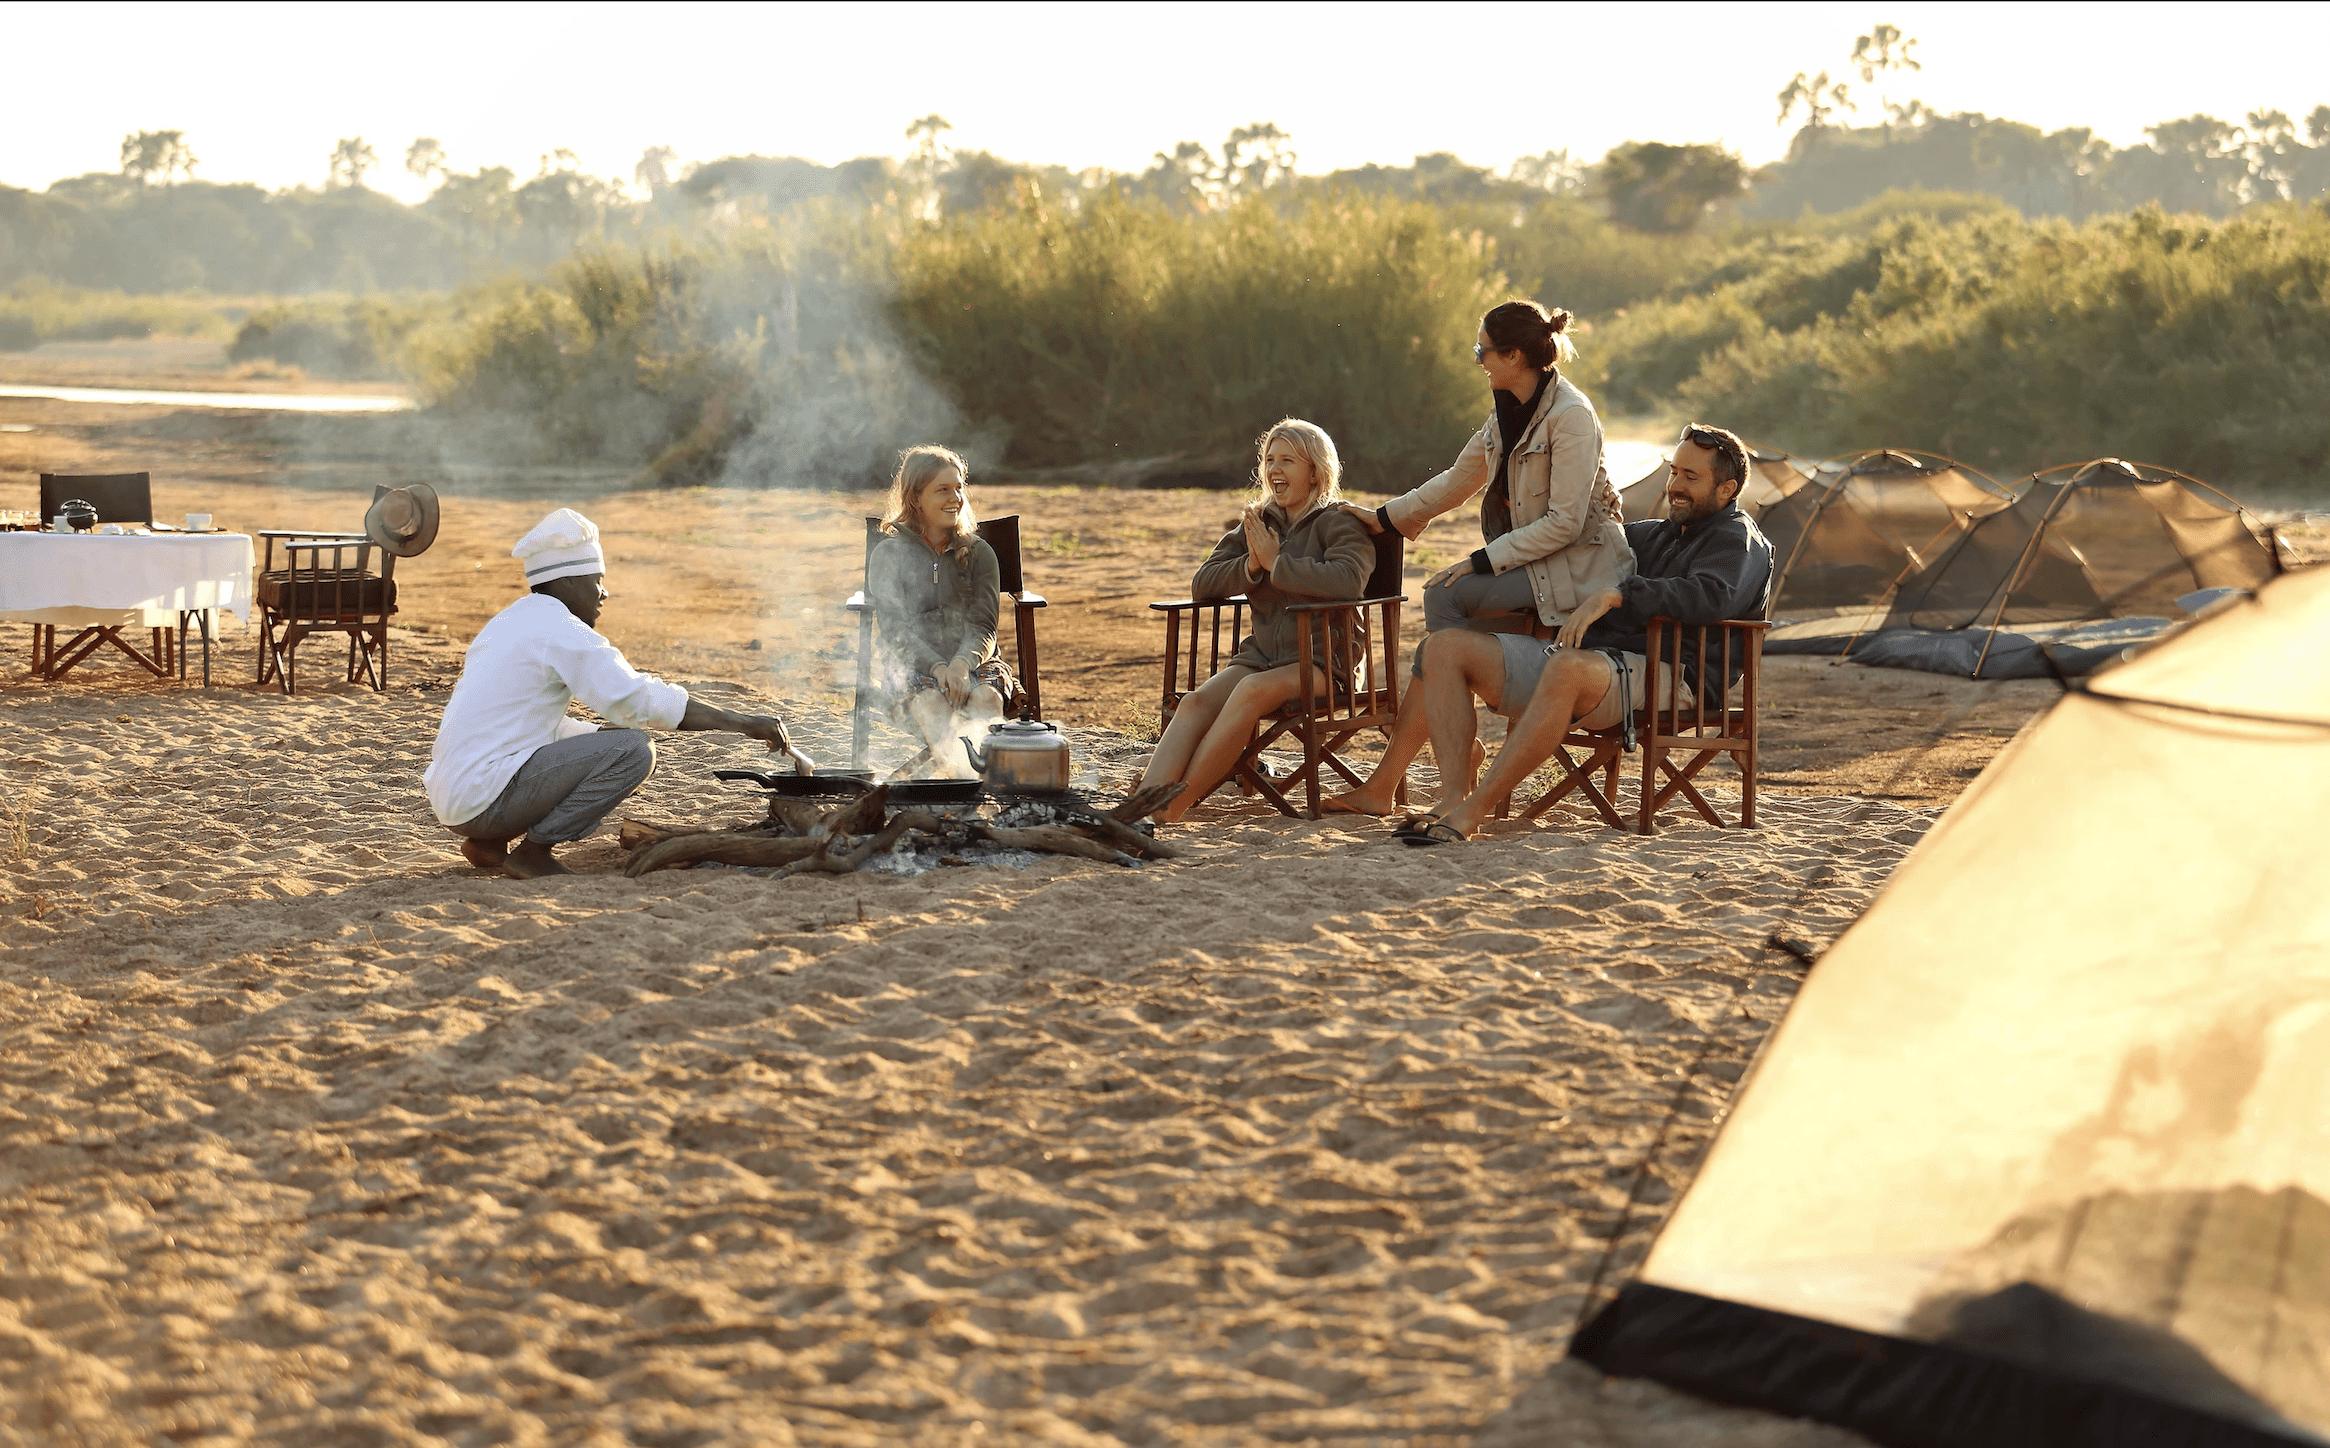 Family breakfast Kichaka expedition in Ruaha, Tanzania